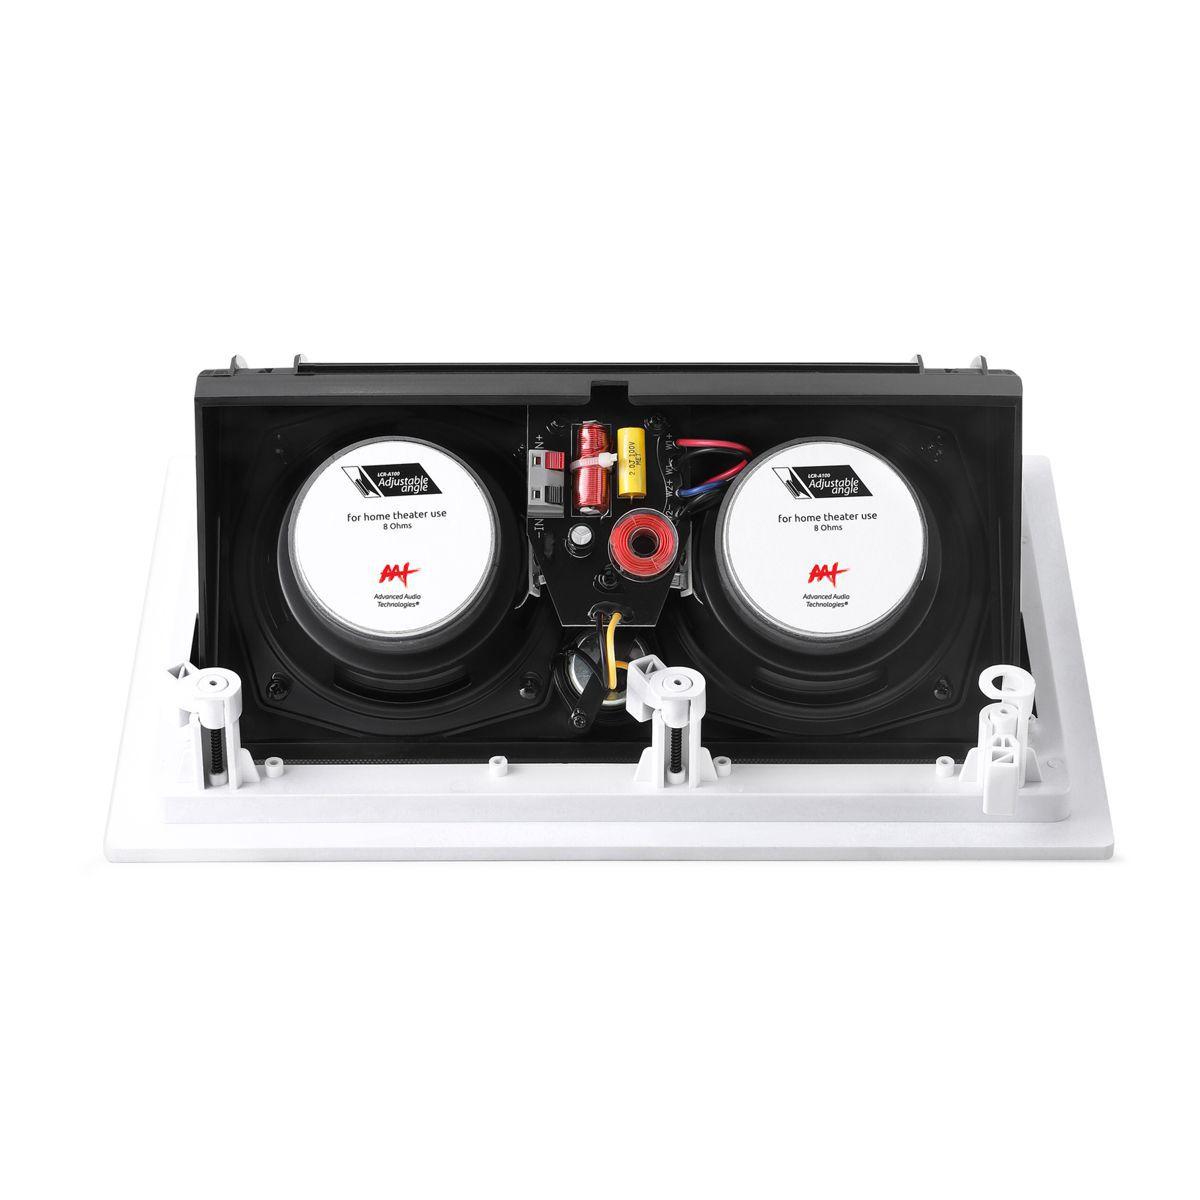 Caixa de Embutir no Gesso C/ Ajuste de Angulo 100W RMS LCR-A100 AAT